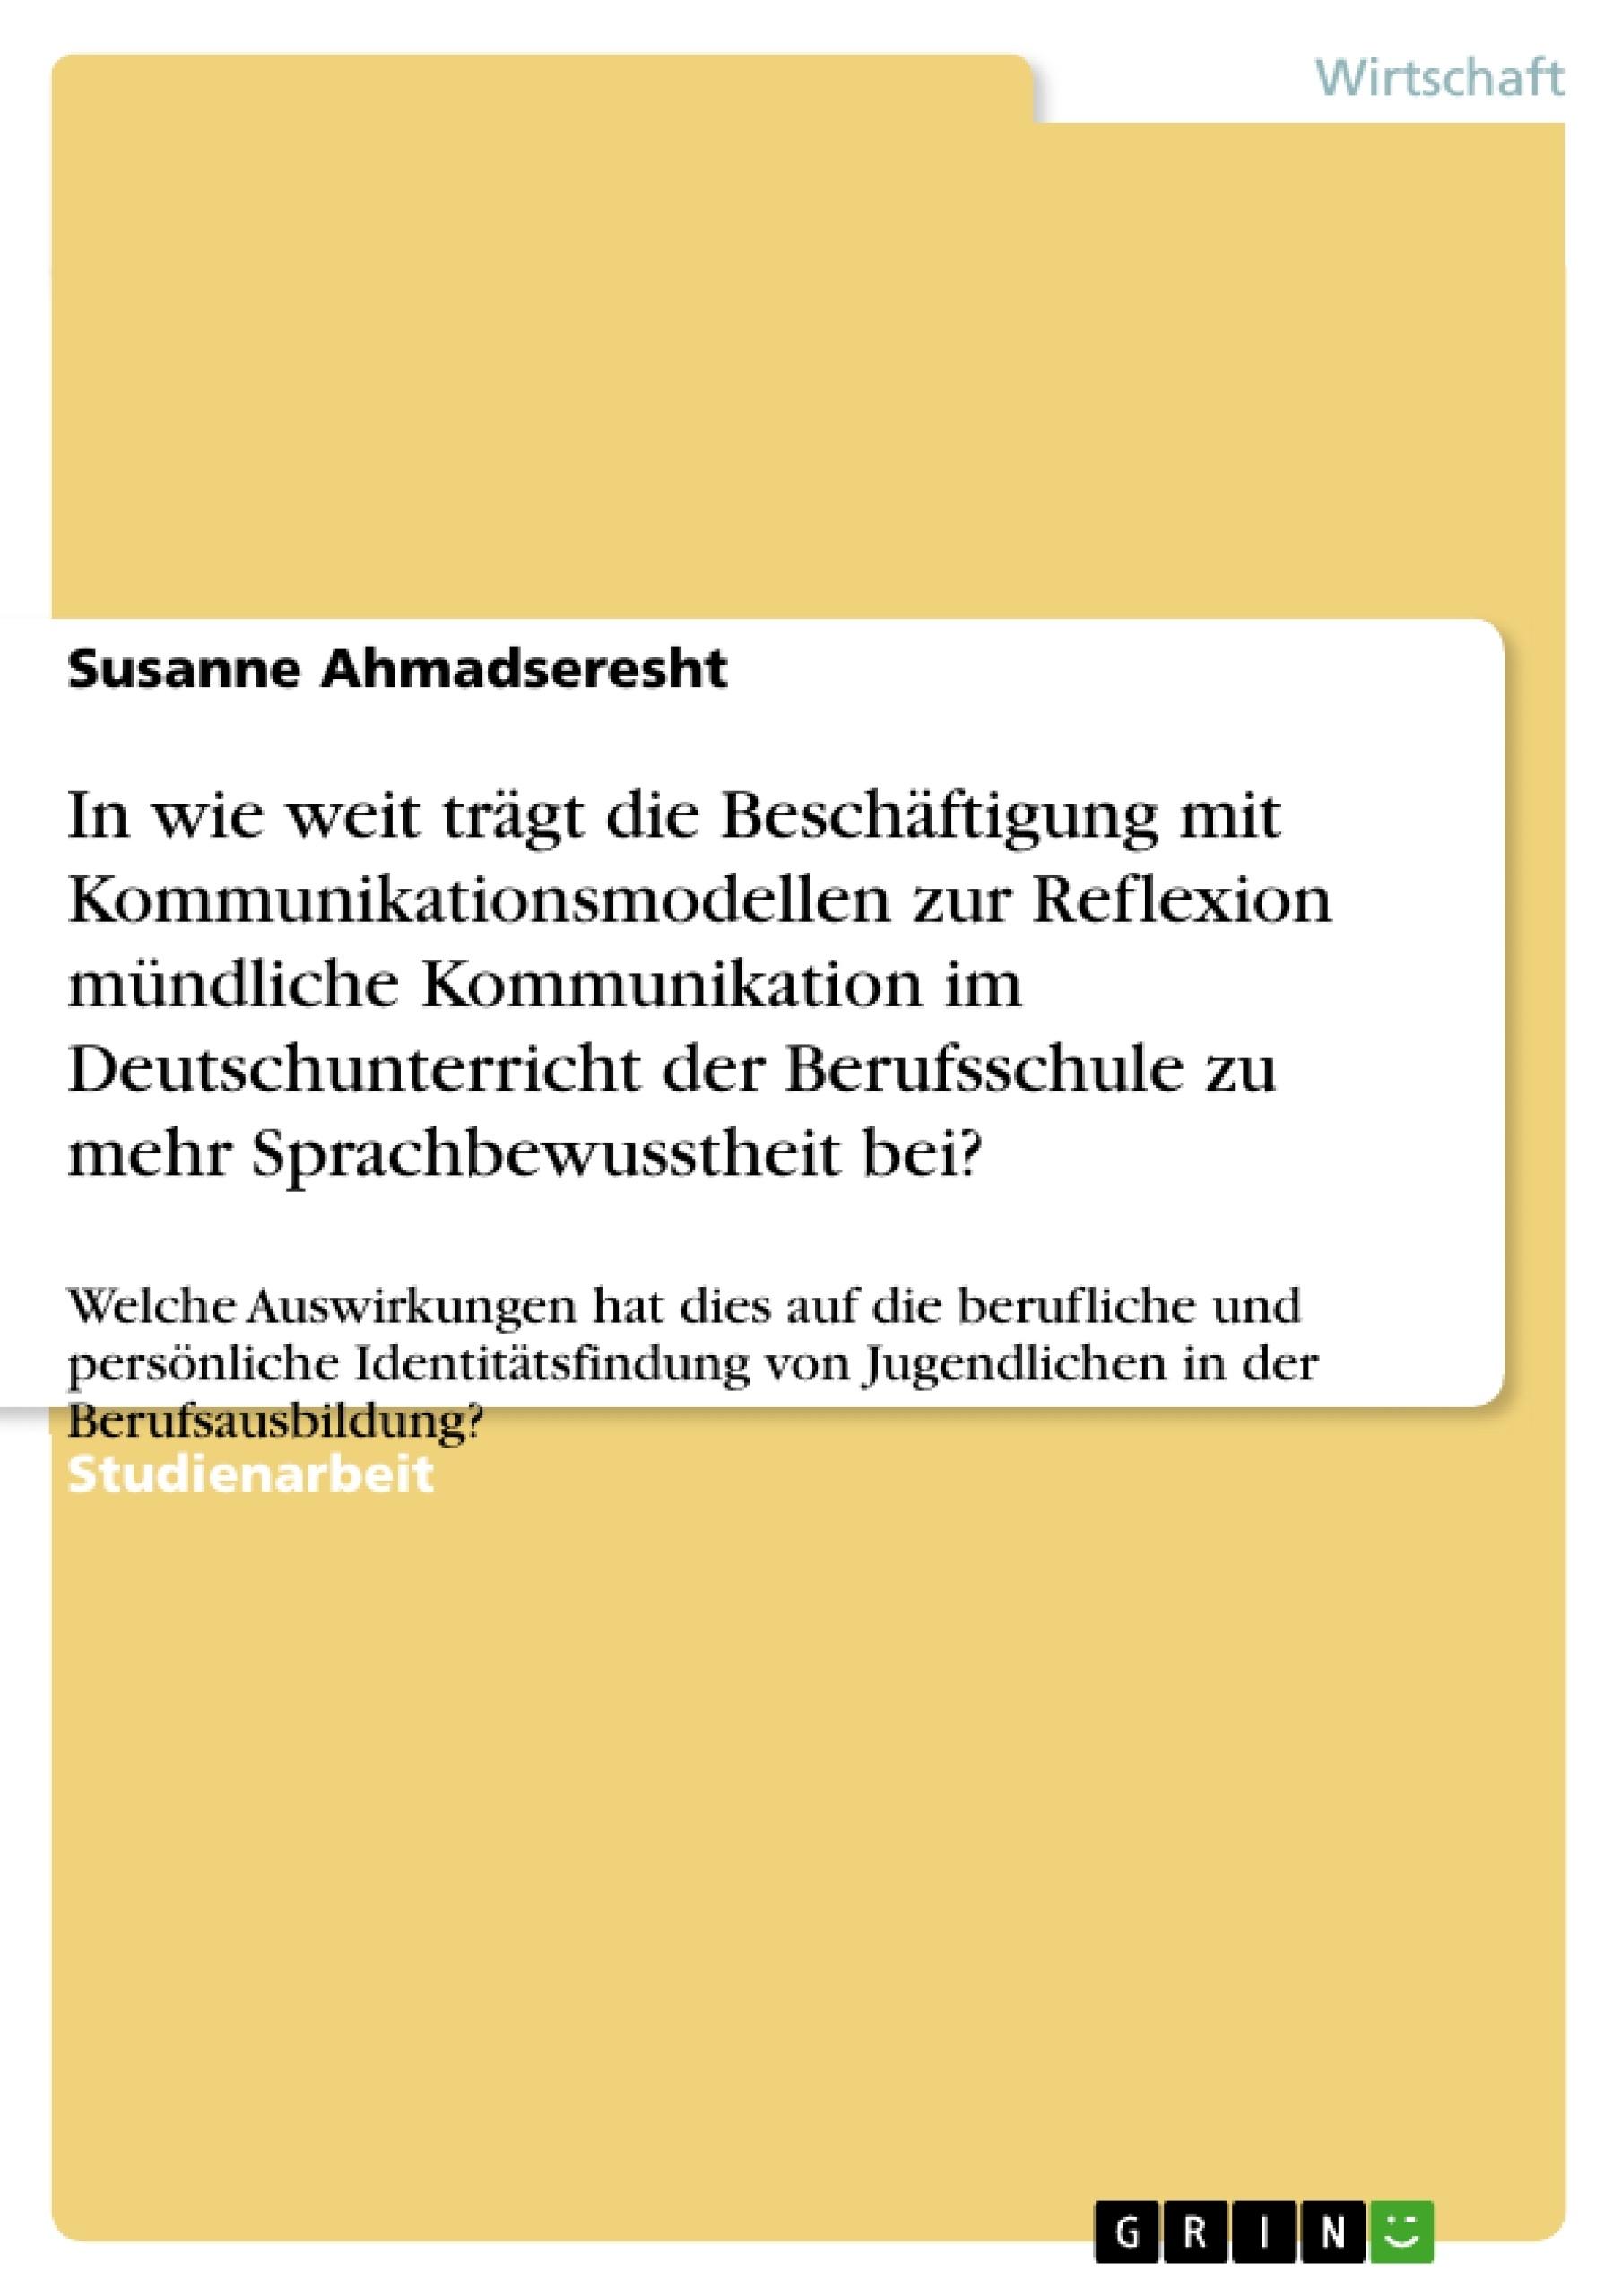 Titel: In wie weit trägt die Beschäftigung mit Kommunikationsmodellen zur Reflexion mündliche Kommunikation im Deutschunterricht der Berufsschule zu mehr Sprachbewusstheit bei?